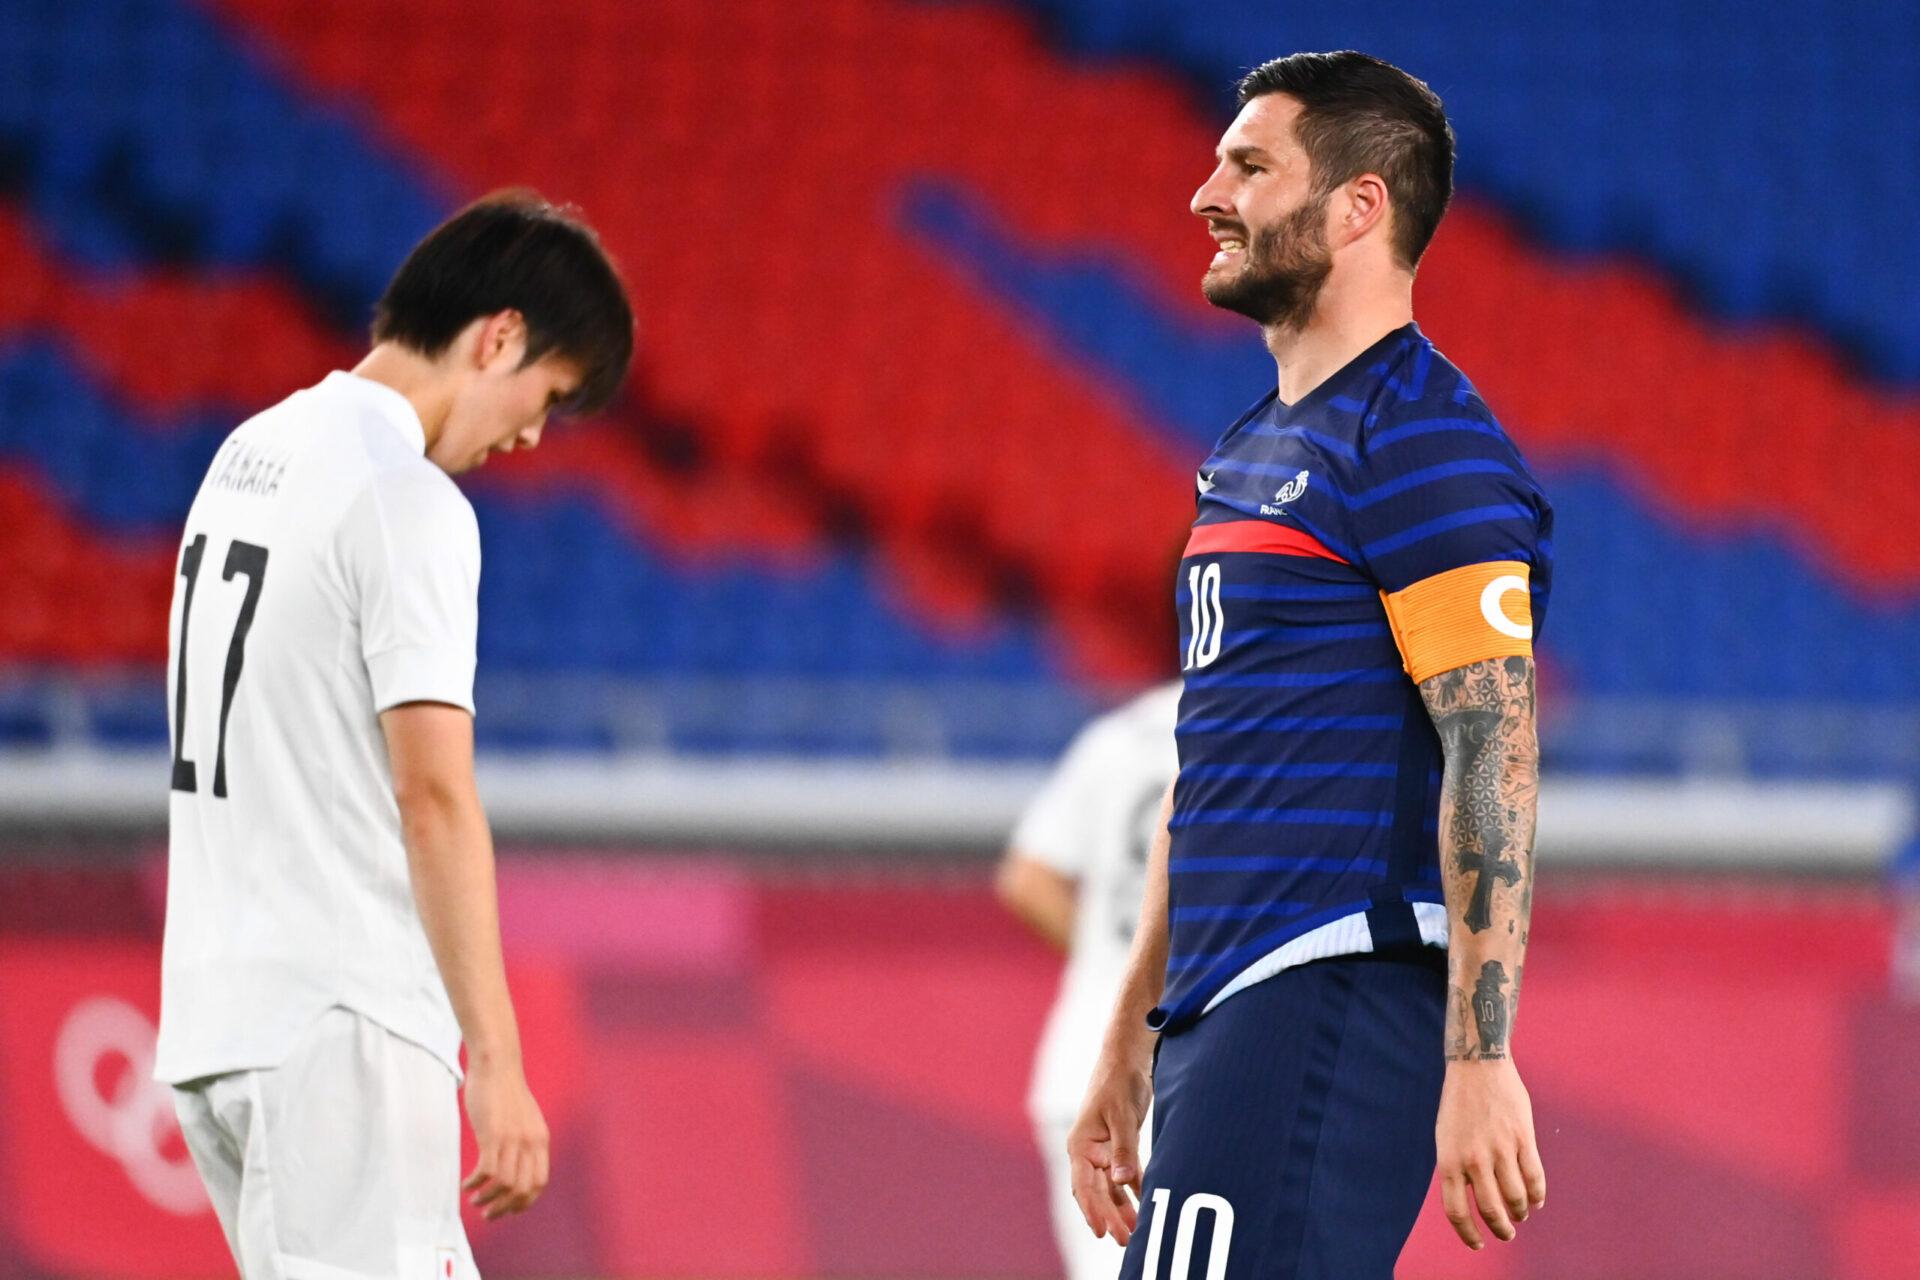 La déception de Gignac lors du match face au Japon (iconsport)